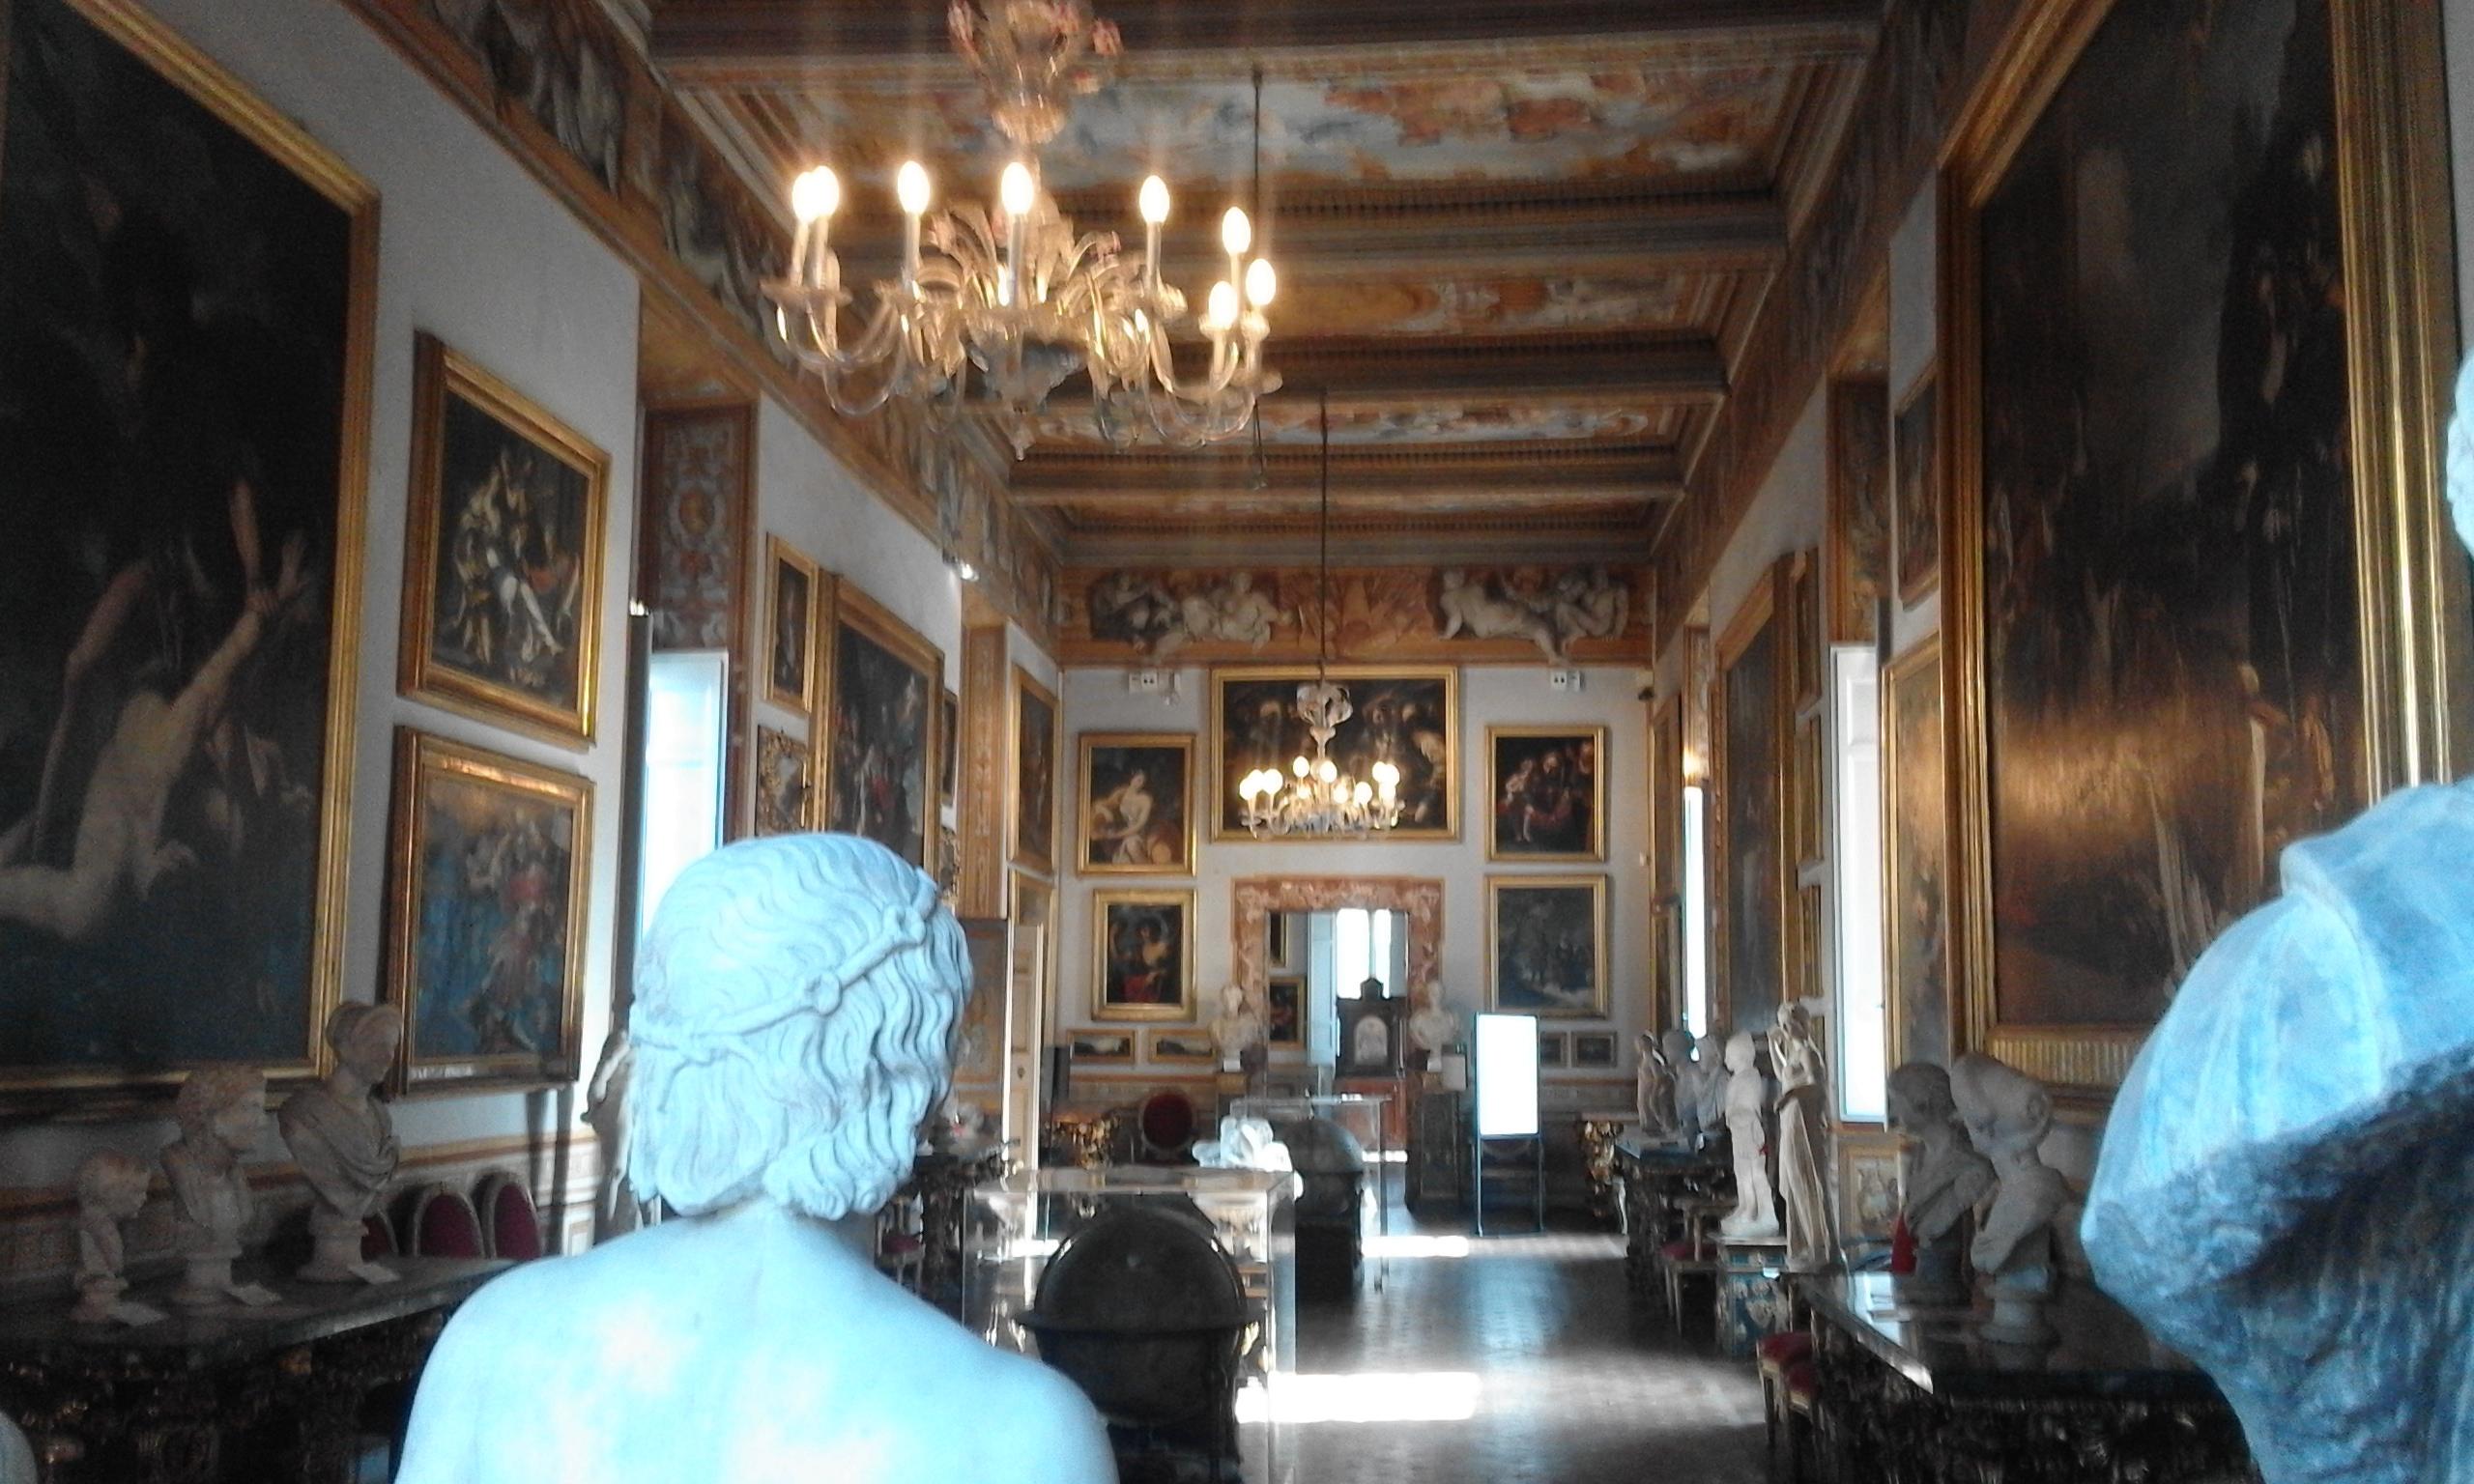 Palazzo Spada - Rome private tour